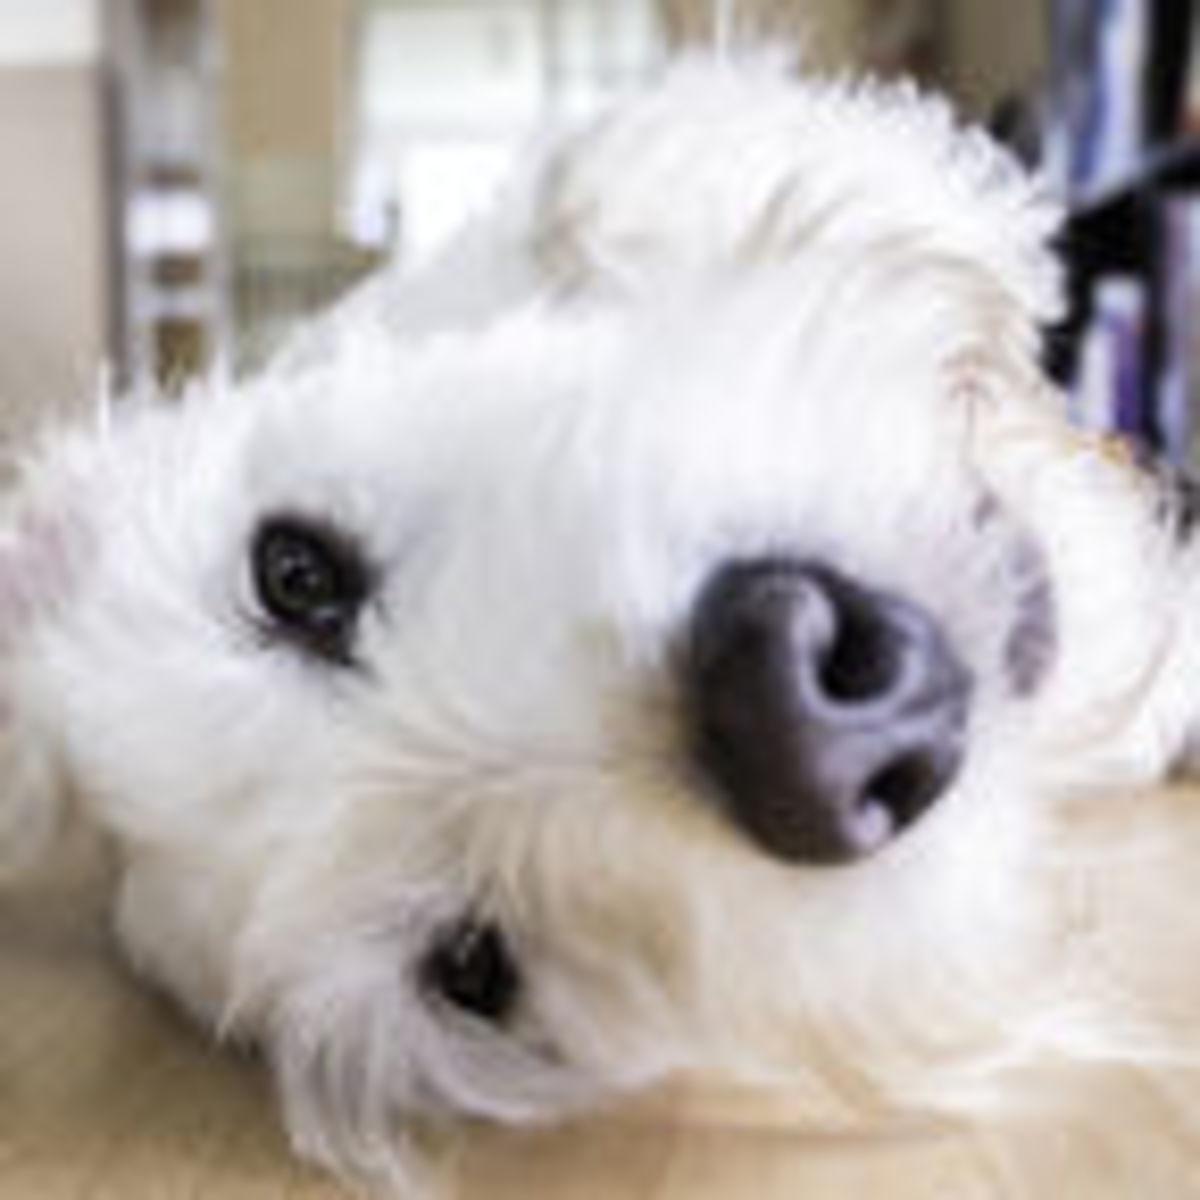 Millennials' Pet Dogs: an Anchor to an Adult World